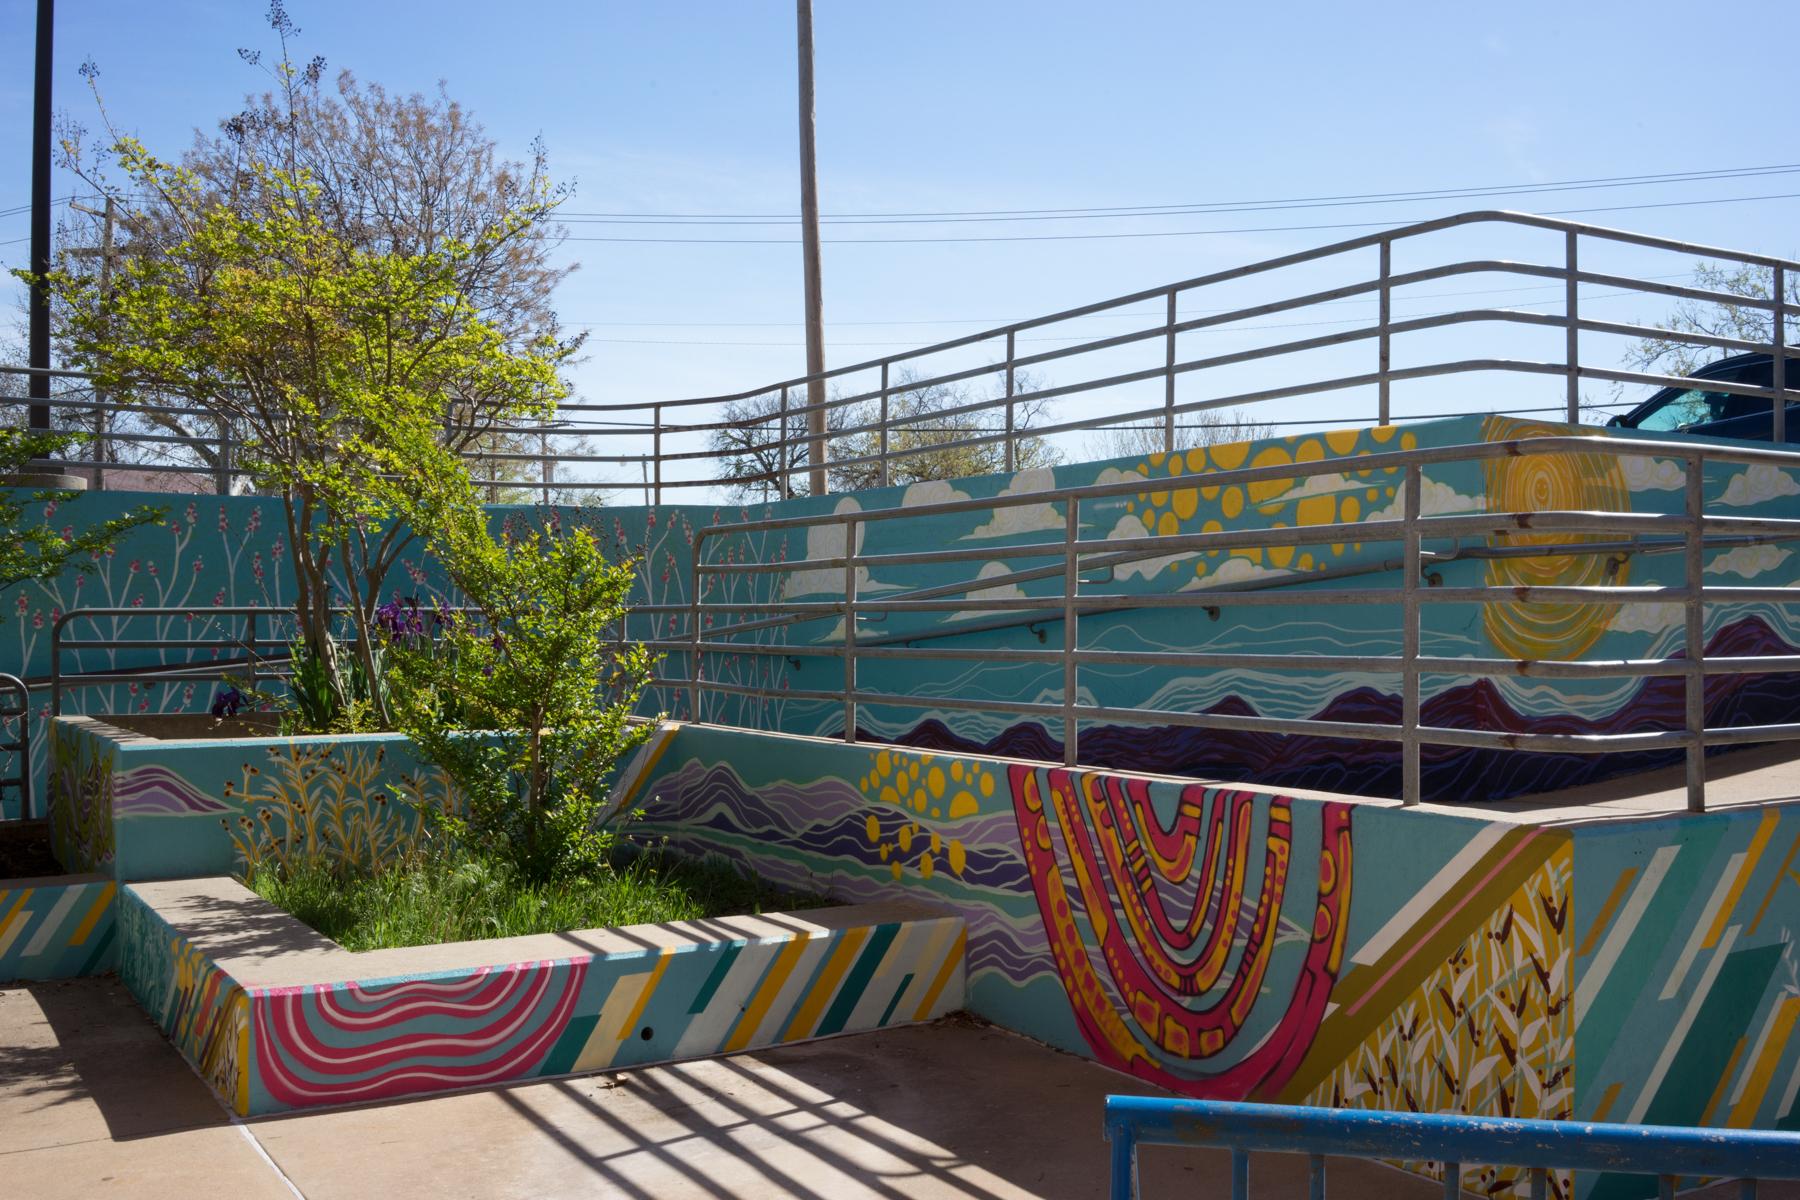 eugene field mural-05087.jpg